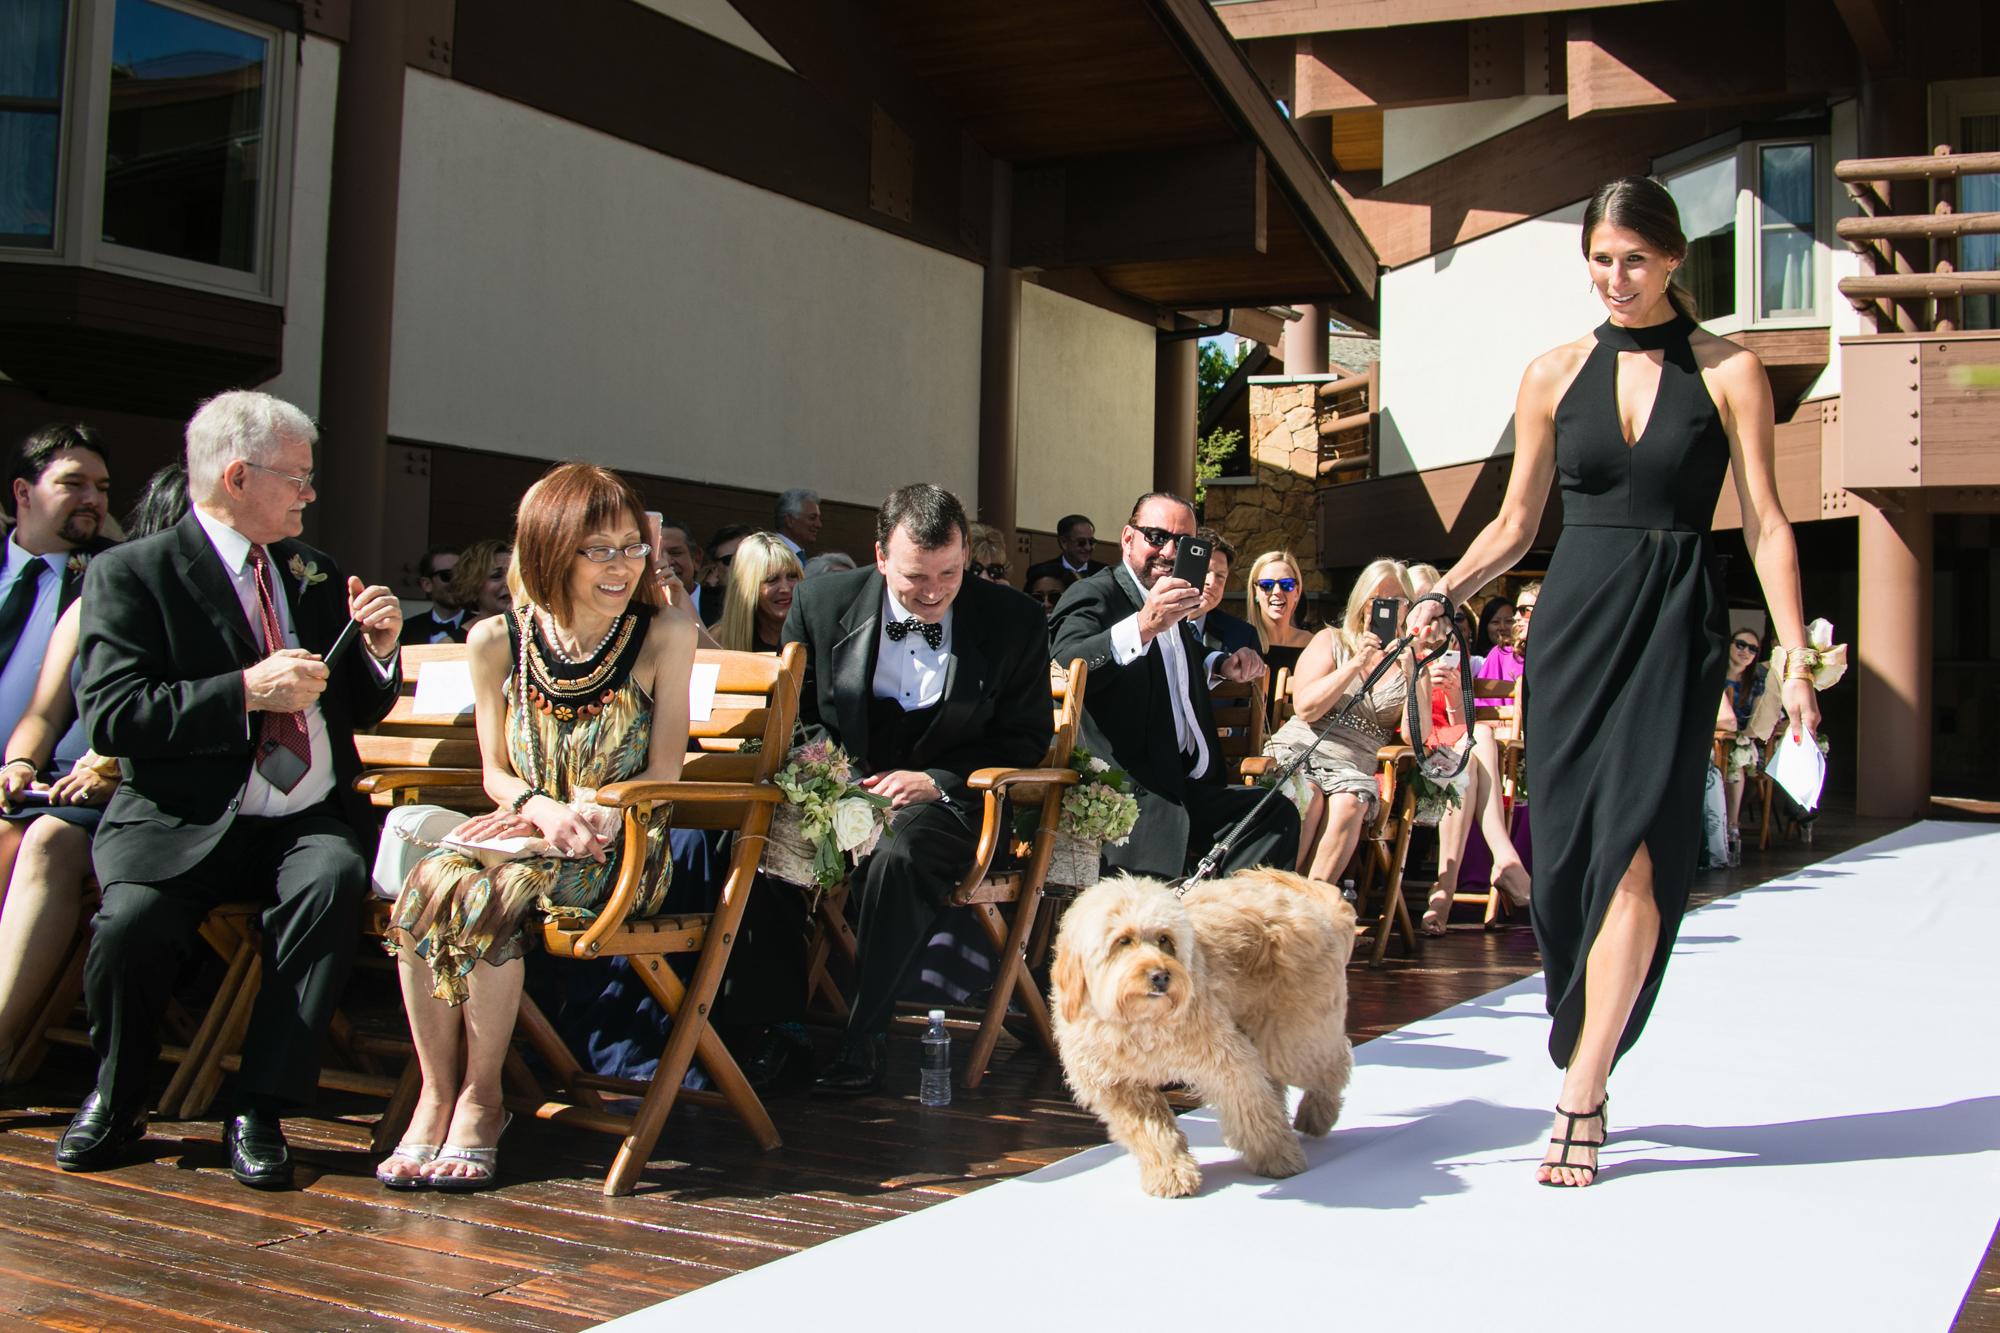 stein-eriksen-wedding-photographer-12.jpg